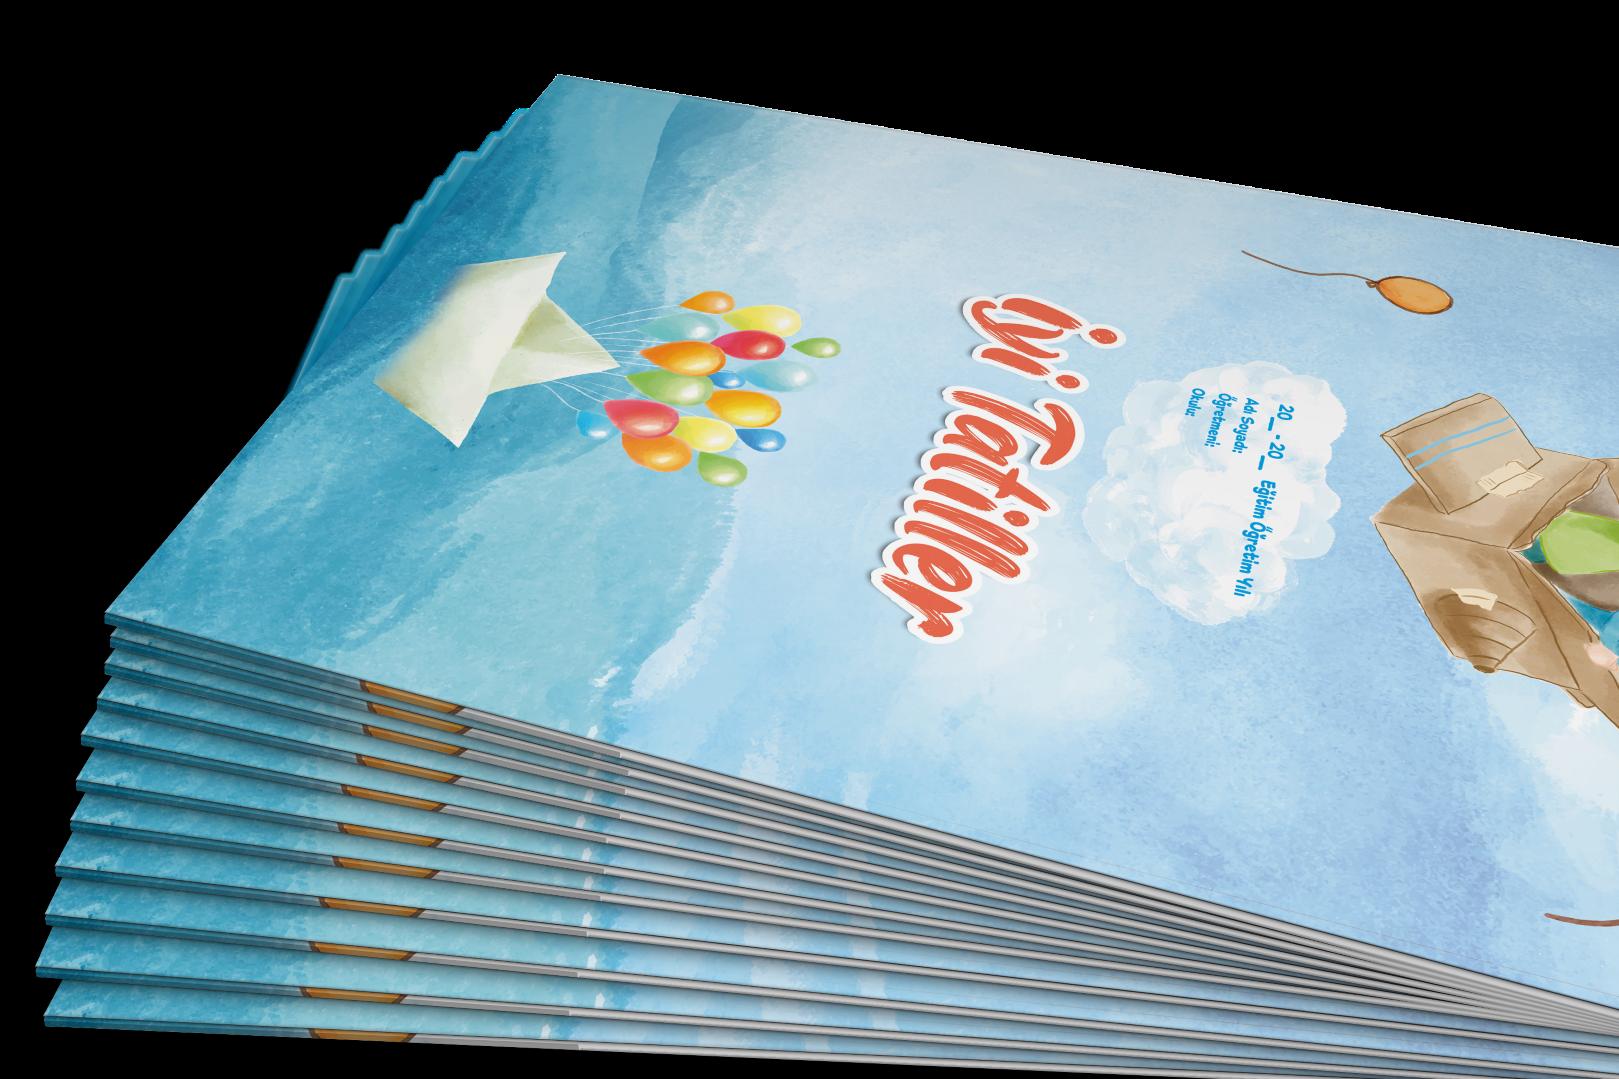 Sulu Boya Temali Karne Kilifi Gelisim Raporu Kapagi Okul Oncesi